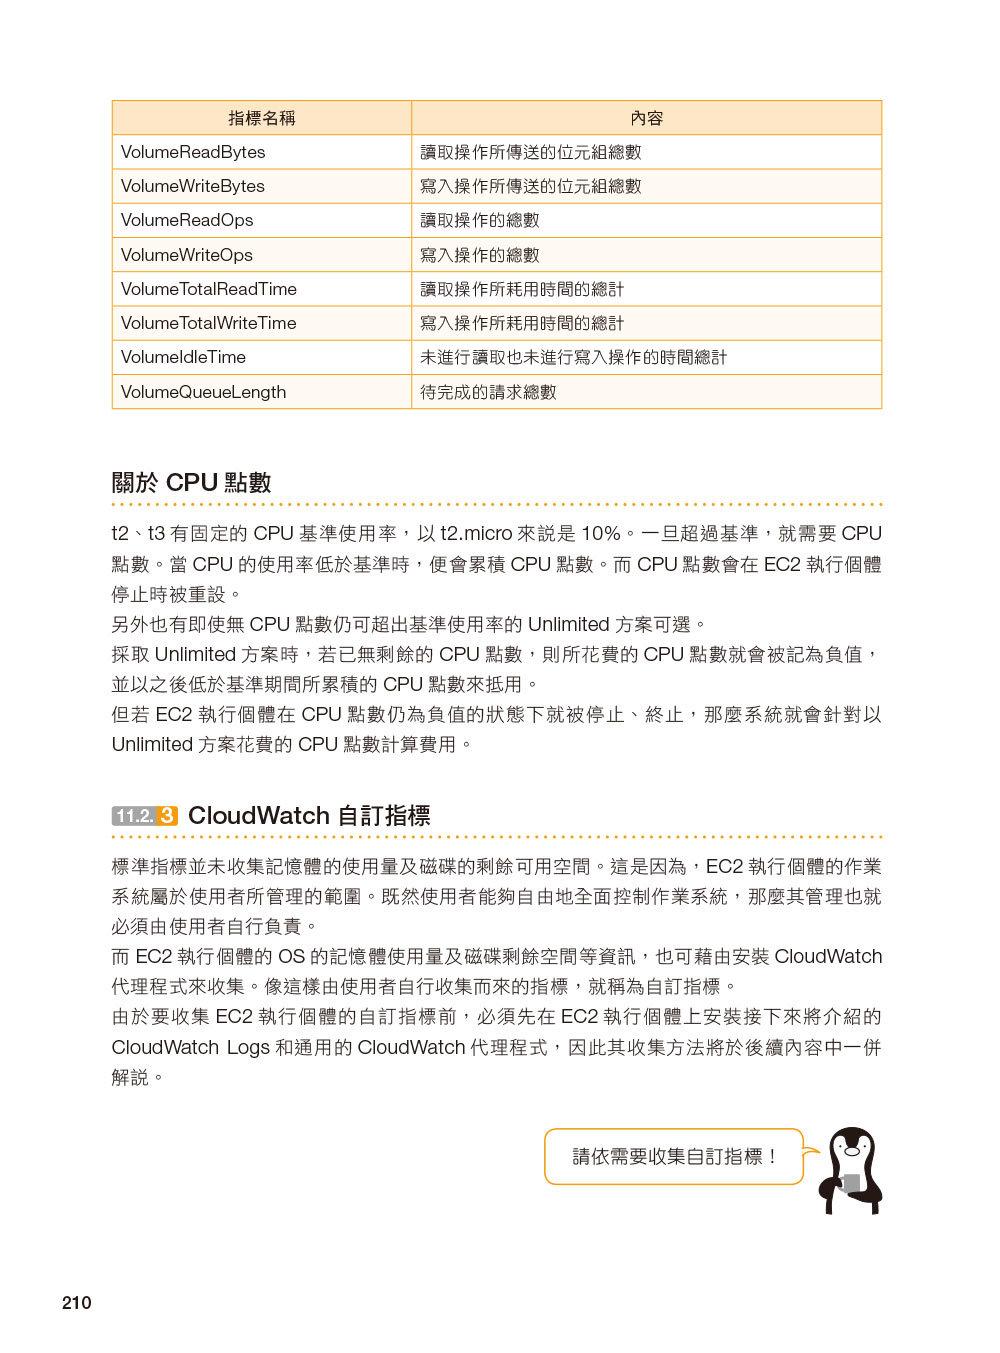 使用 AWS 在雲端建置 Linux 伺服器的 20堂課-preview-6